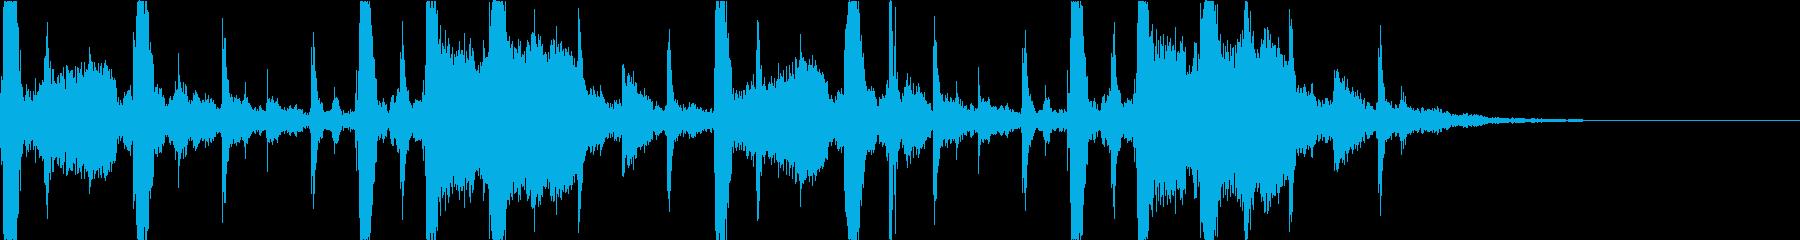 都会的でおしゃれなEDM4の再生済みの波形